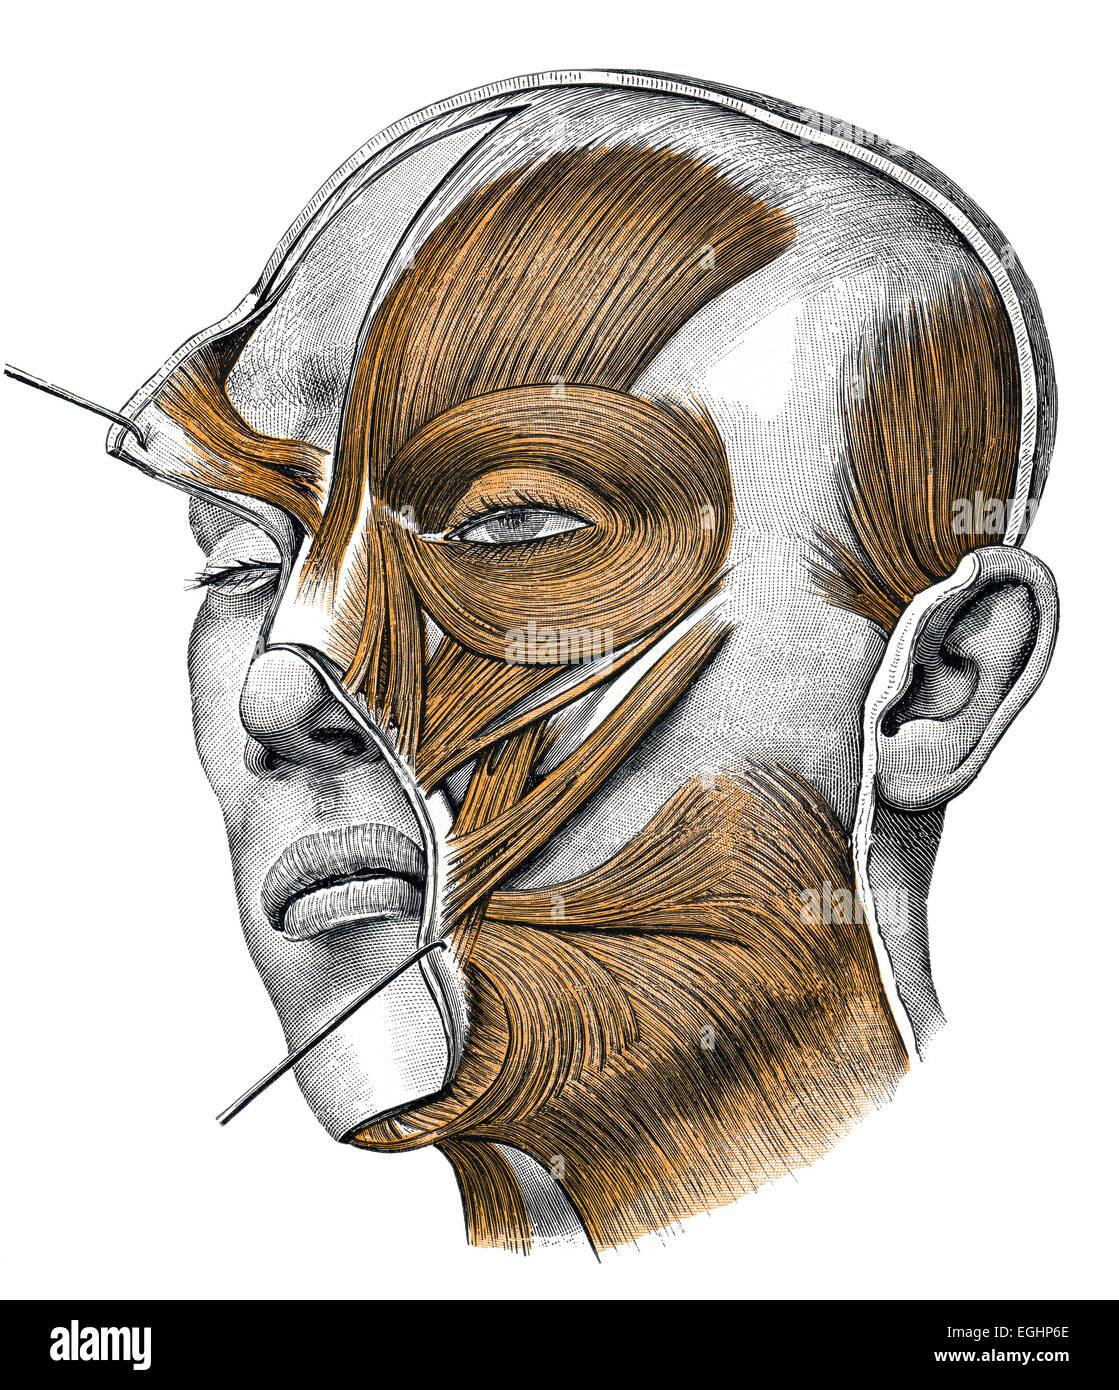 músculos miméticos Imagen De Stock